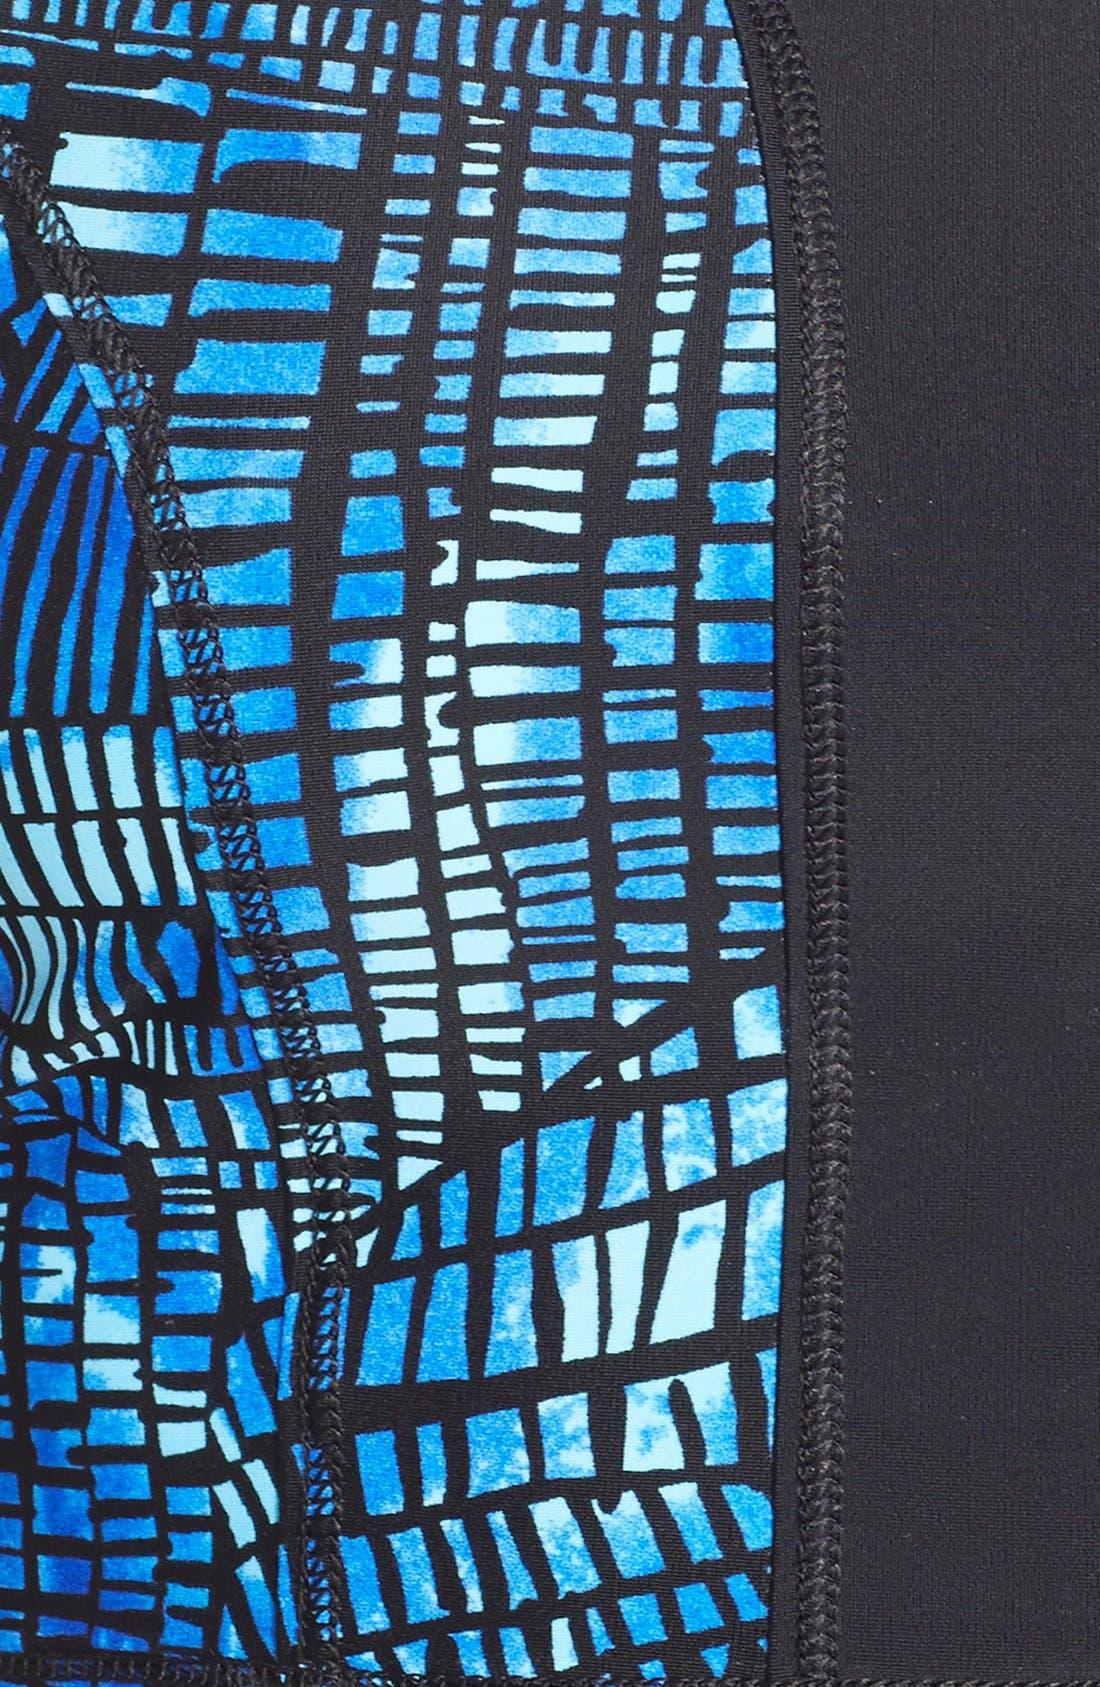 'Crackle' Mesh Back Rashguard,                             Alternate thumbnail 5, color,                             400